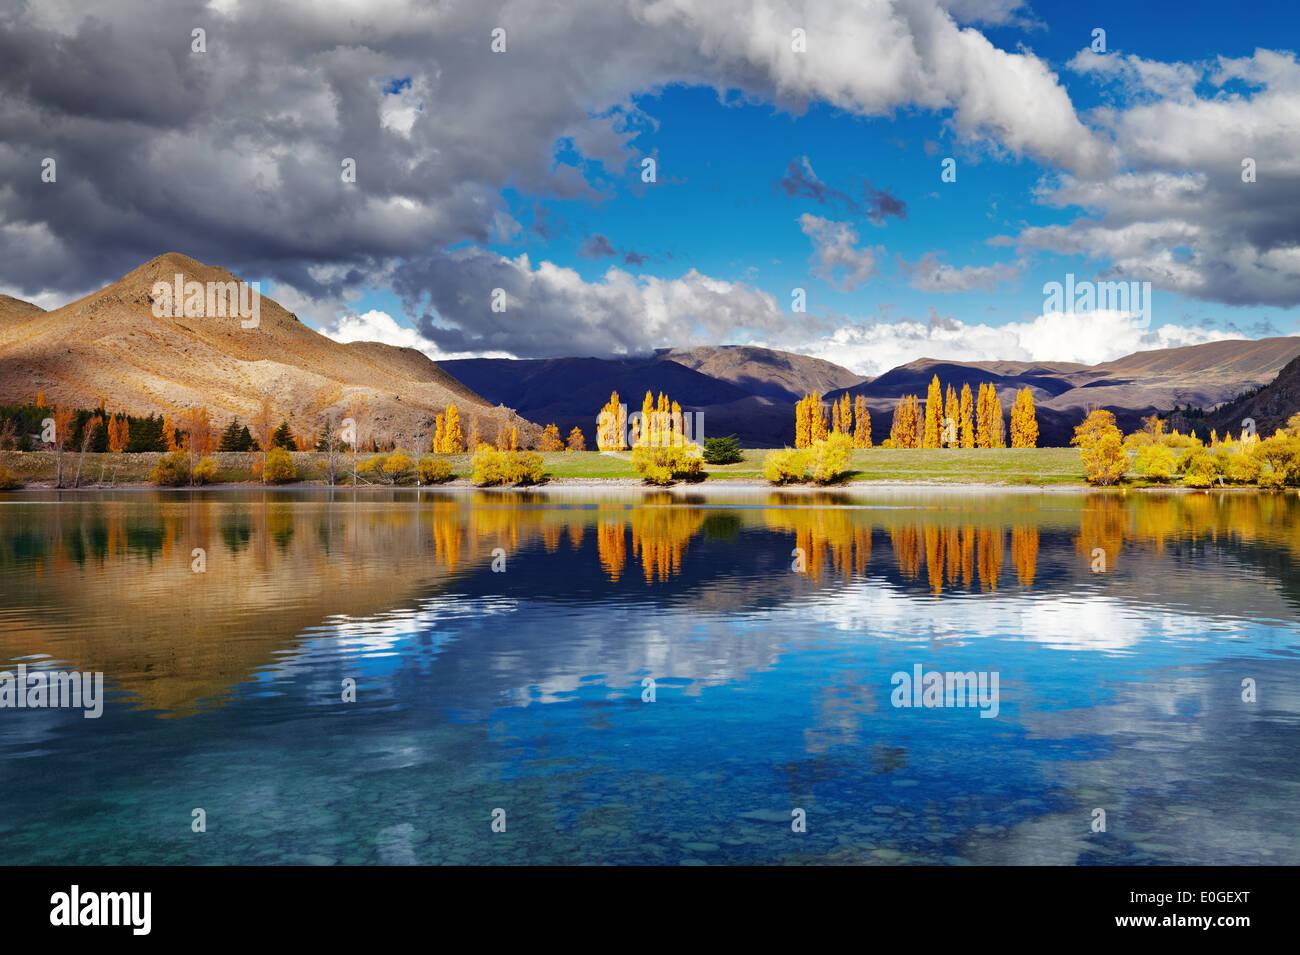 Paysage de montagne en couleurs de l'Automne, lac Benmore, Nouvelle-Zélande Photo Stock